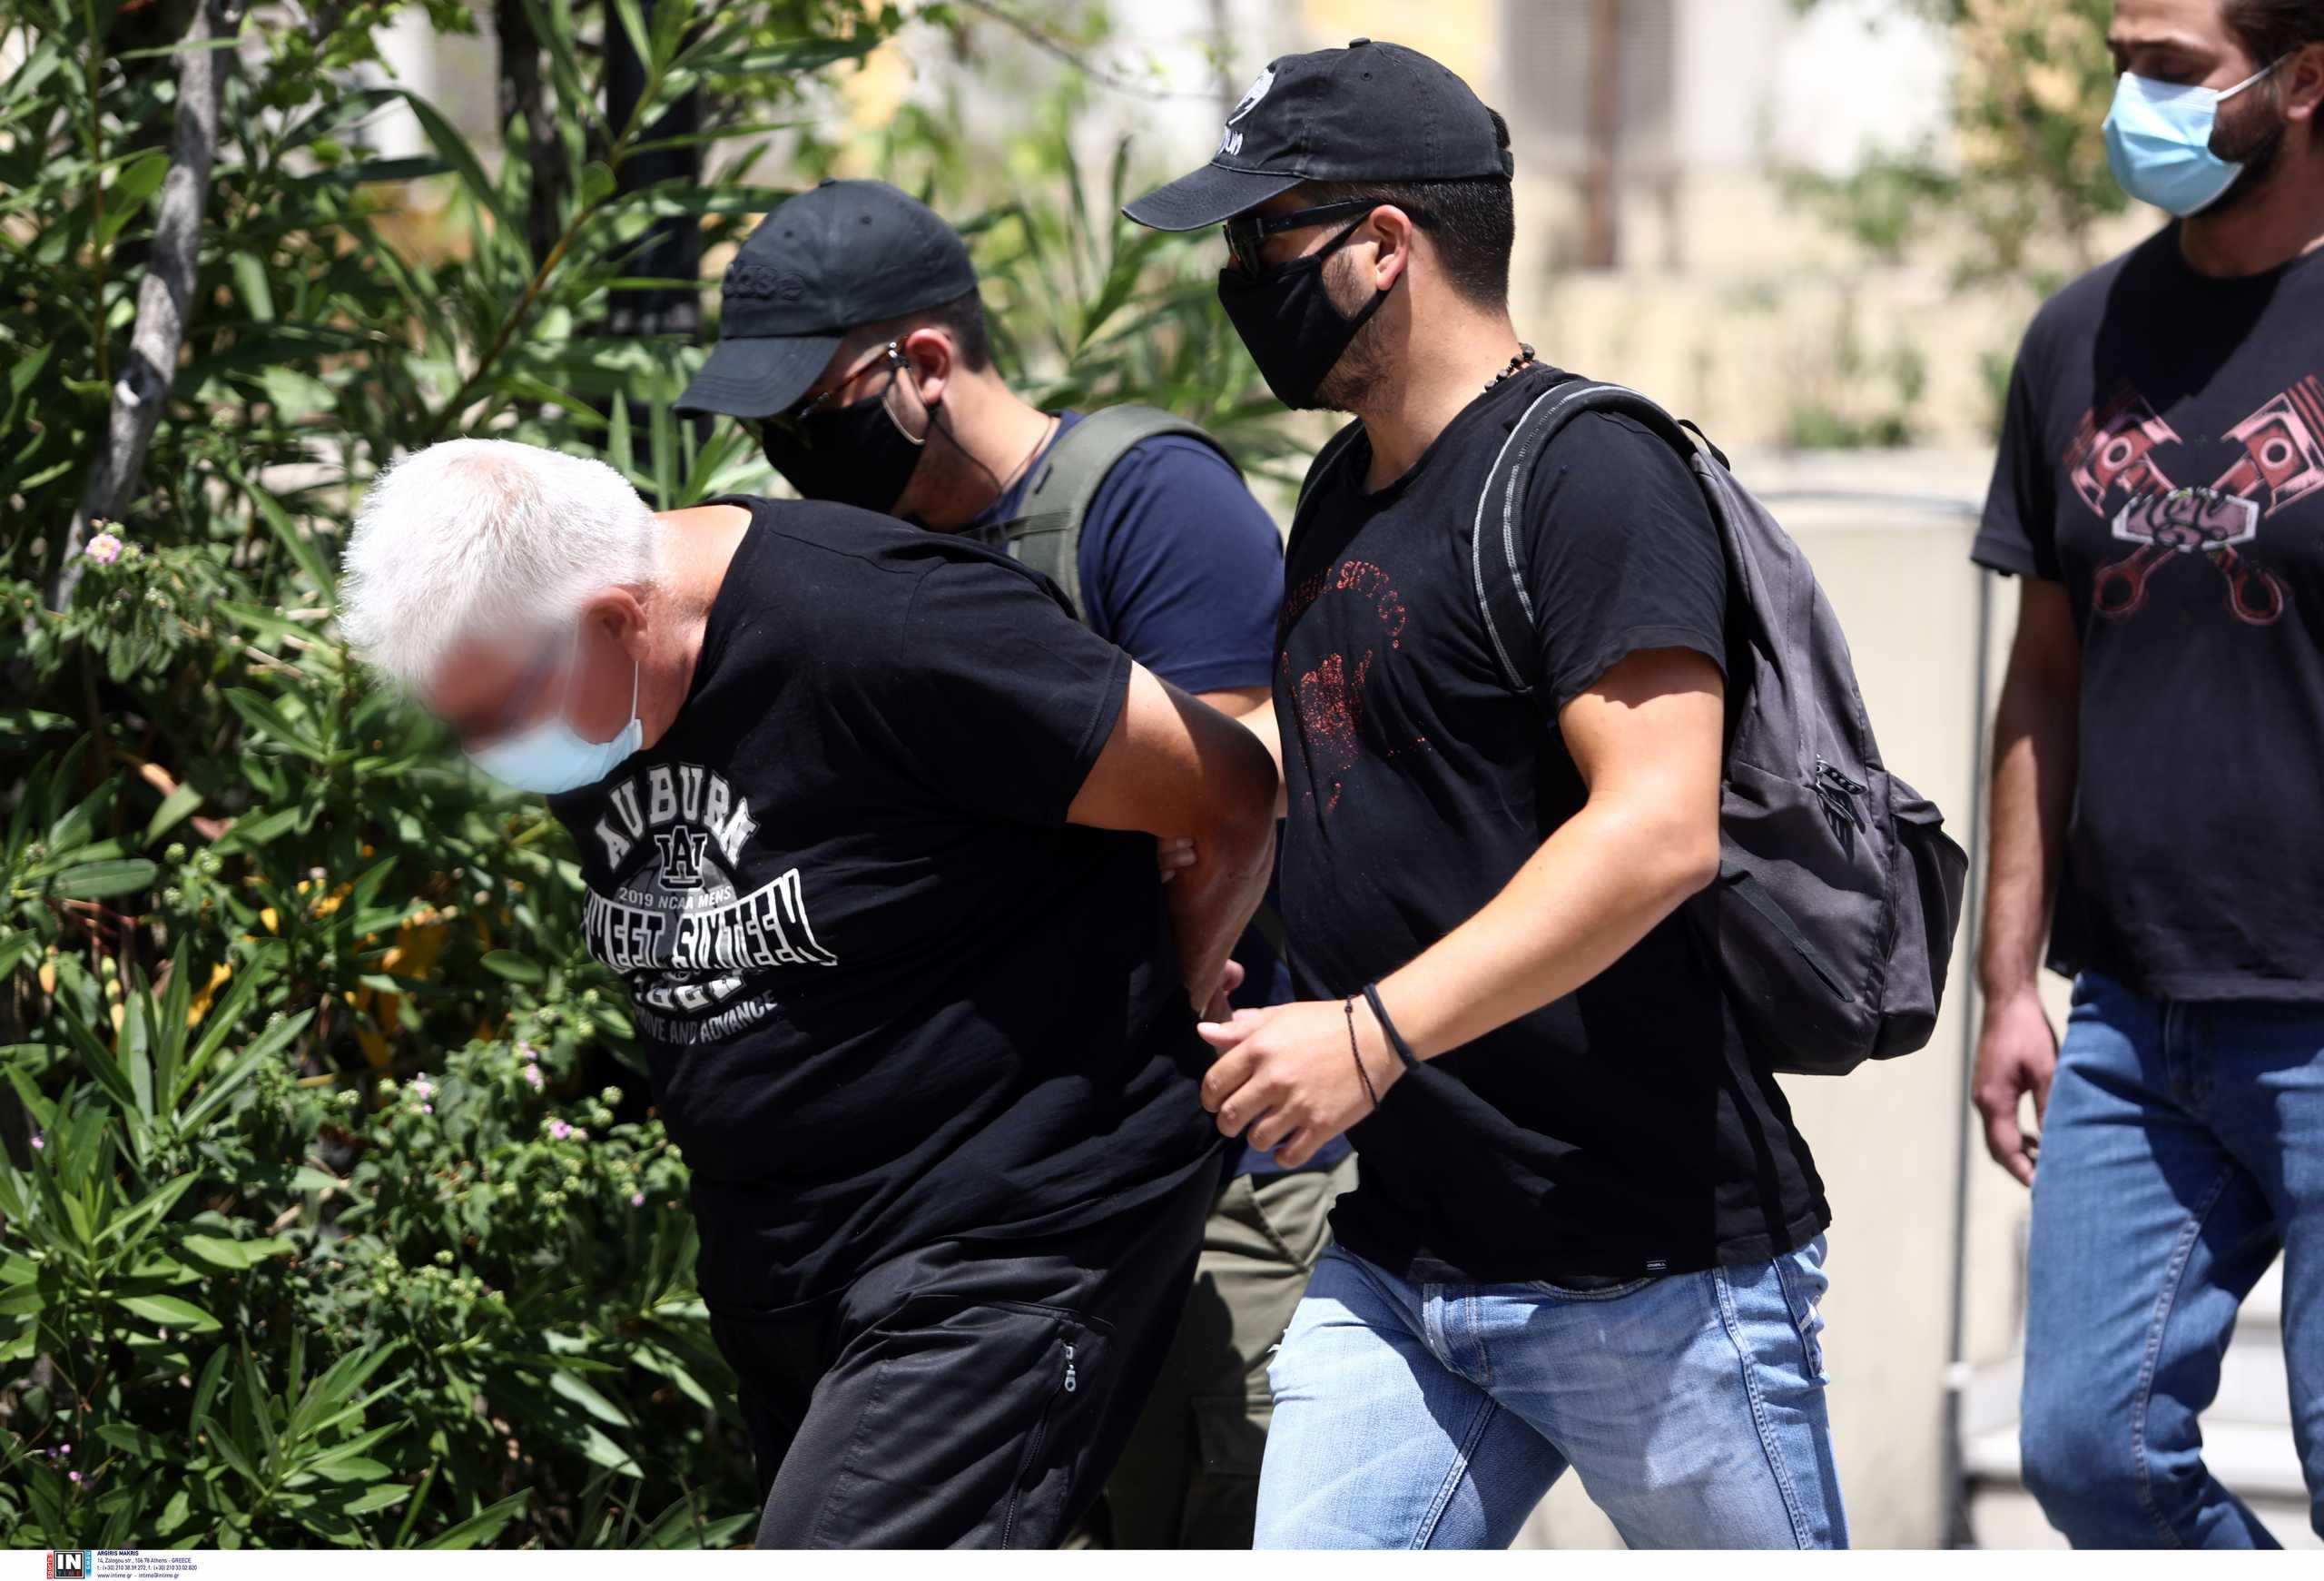 Ηλιούπολη: Εντοπίστηκε η 9χρονη κόρη του 39χρονου αστυνομικού – Το ευχαριστώ της μητέρας στο newsit.gr